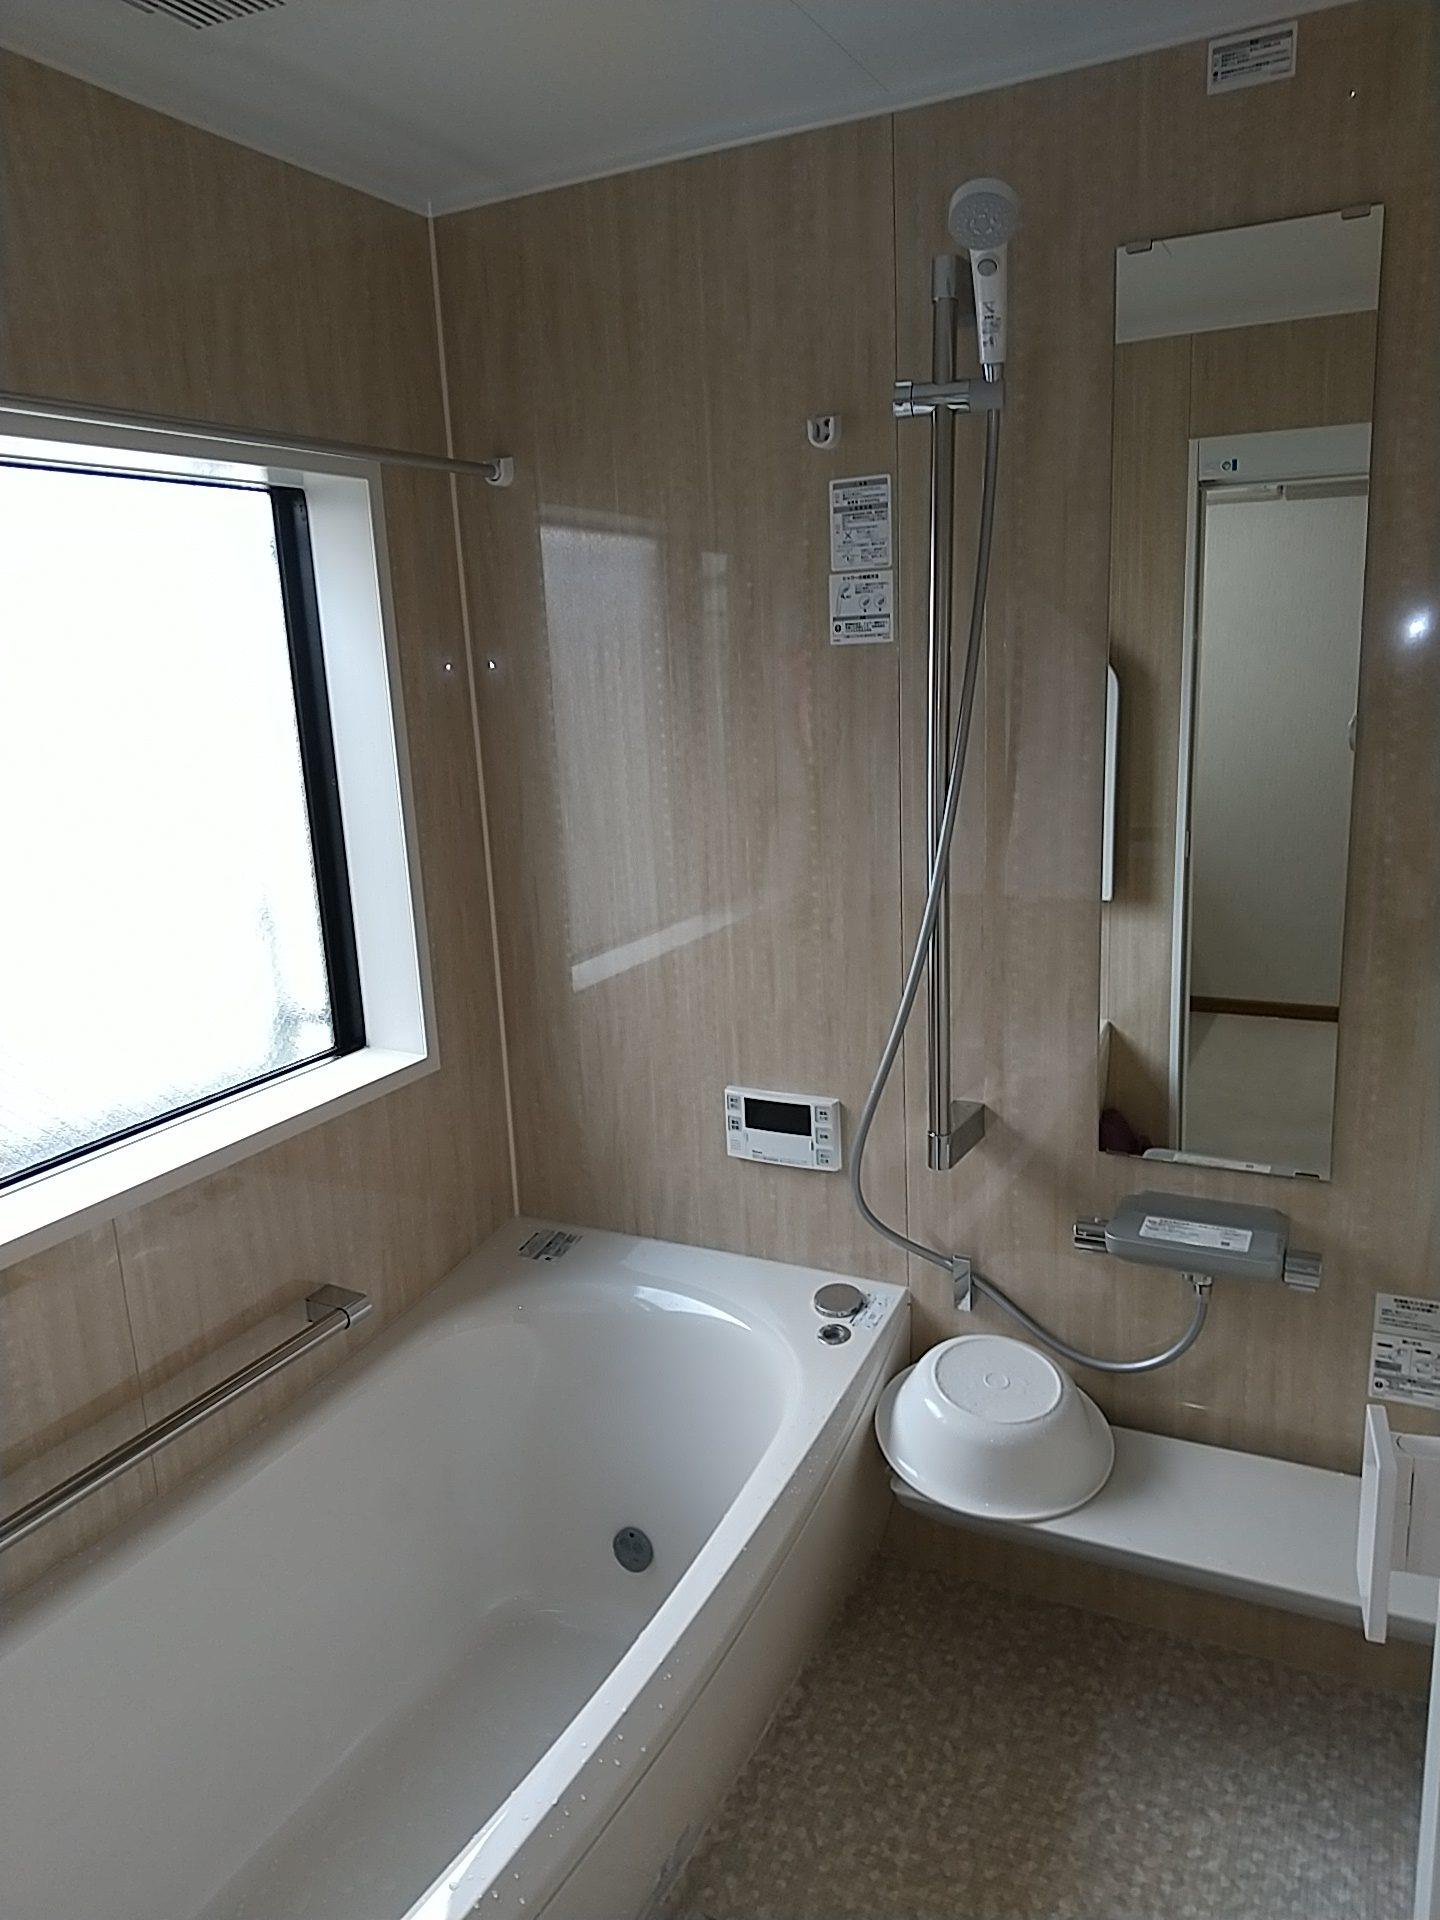 新しい浴槽「ゆりかご」の形状で足元まで一杯の大きさに変身しています  おていれらくらく仕様なのでお掃除の時短にも・・・